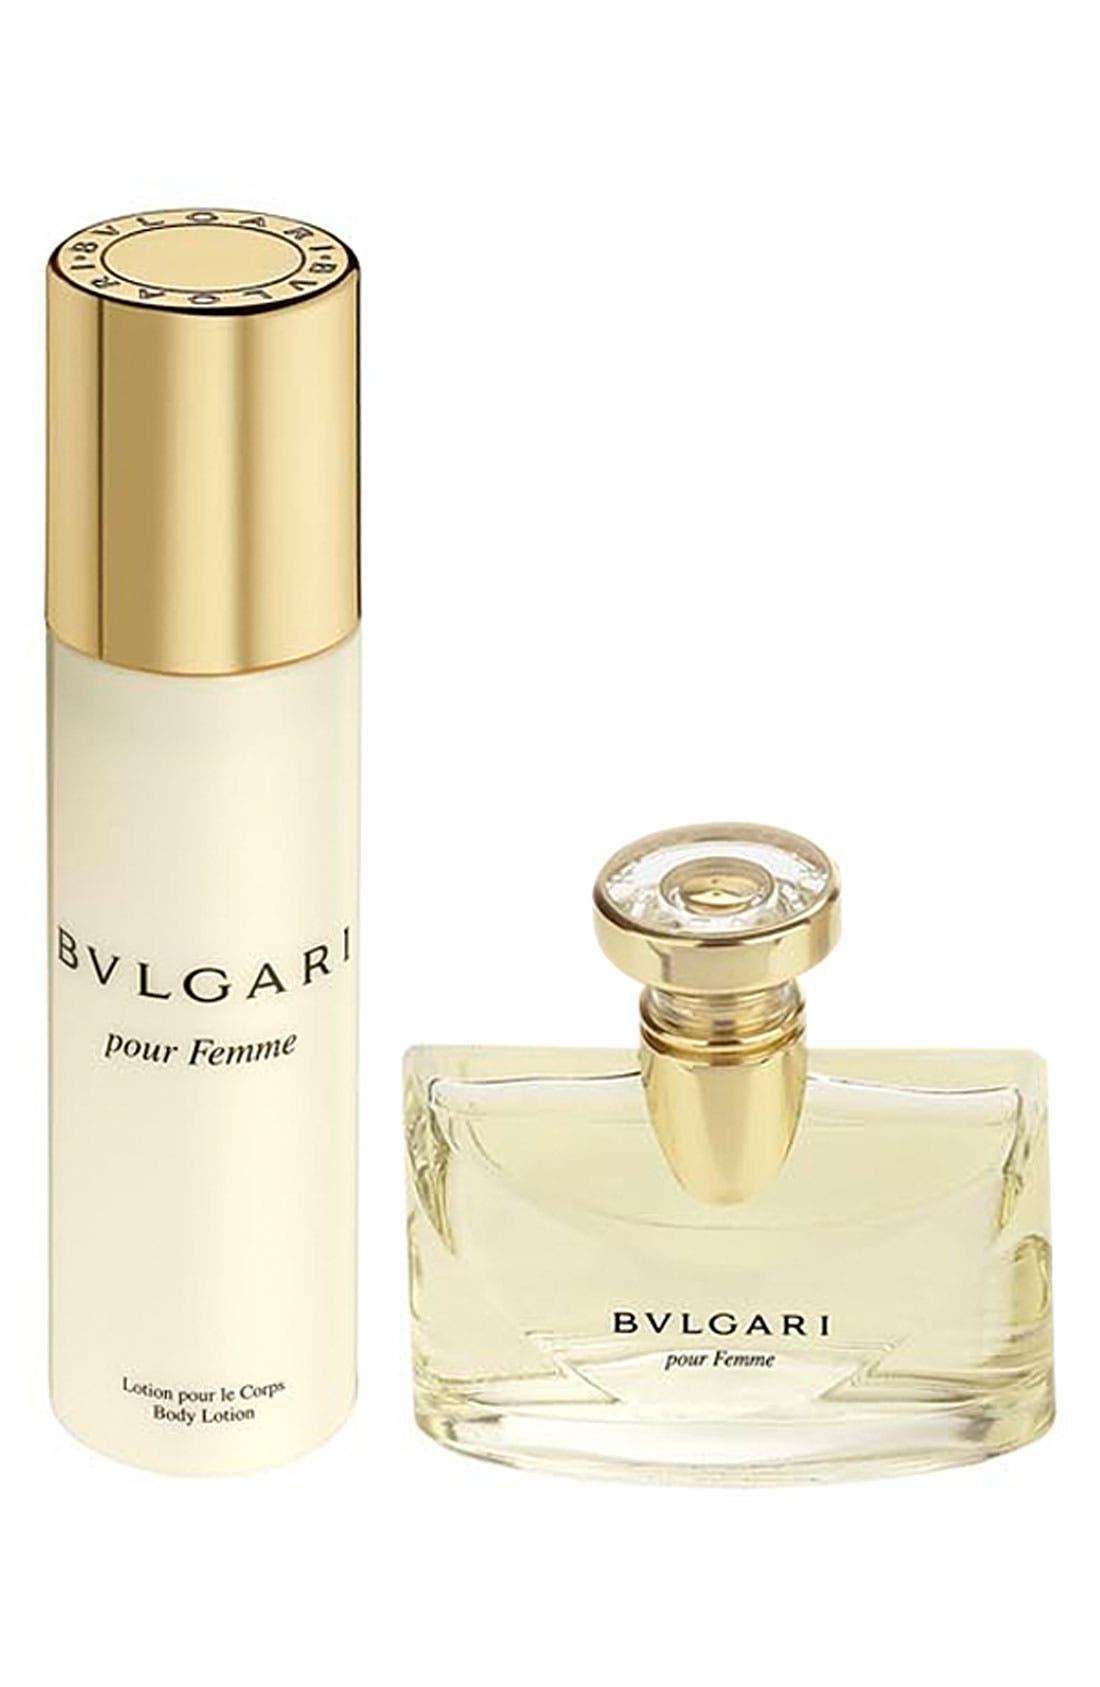 BVLGARI pour Femme Gift Set, Main, color, 000